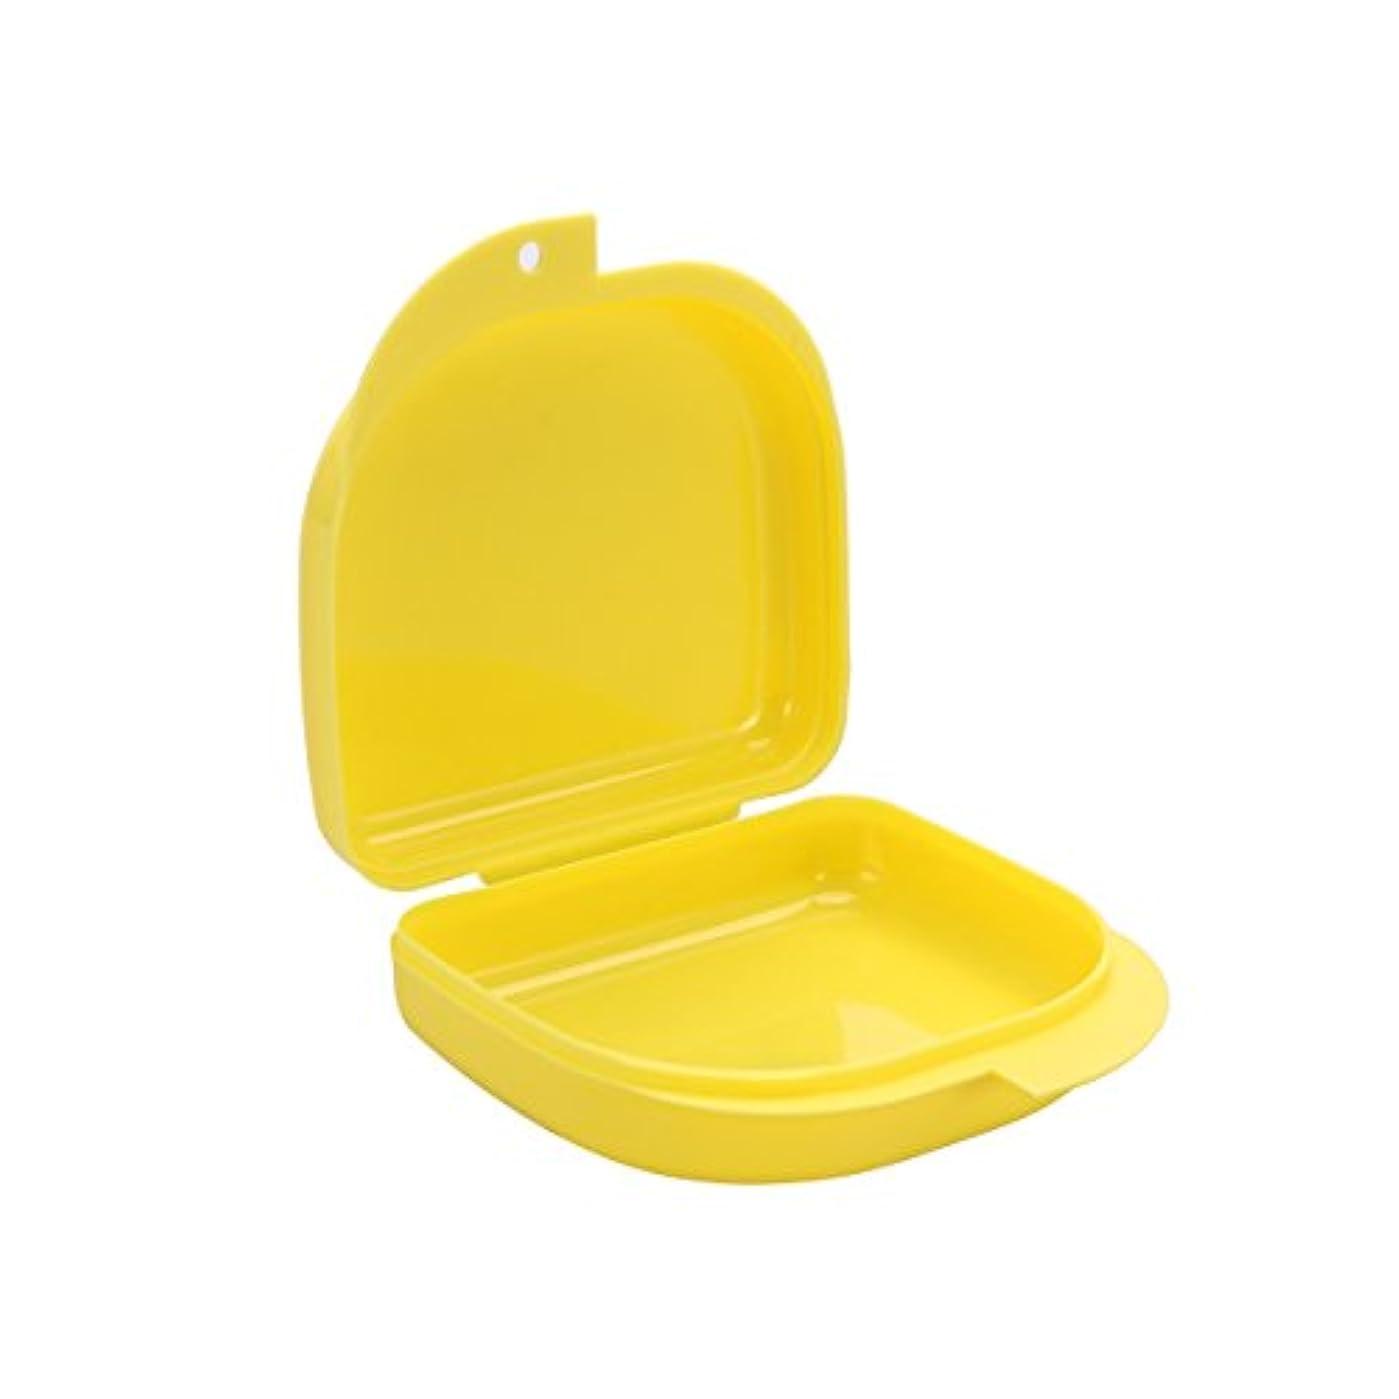 刺す古くなった美容師ROSENICE 義歯ケース口ガードケース義歯ボックス義歯収納容器(黄色)